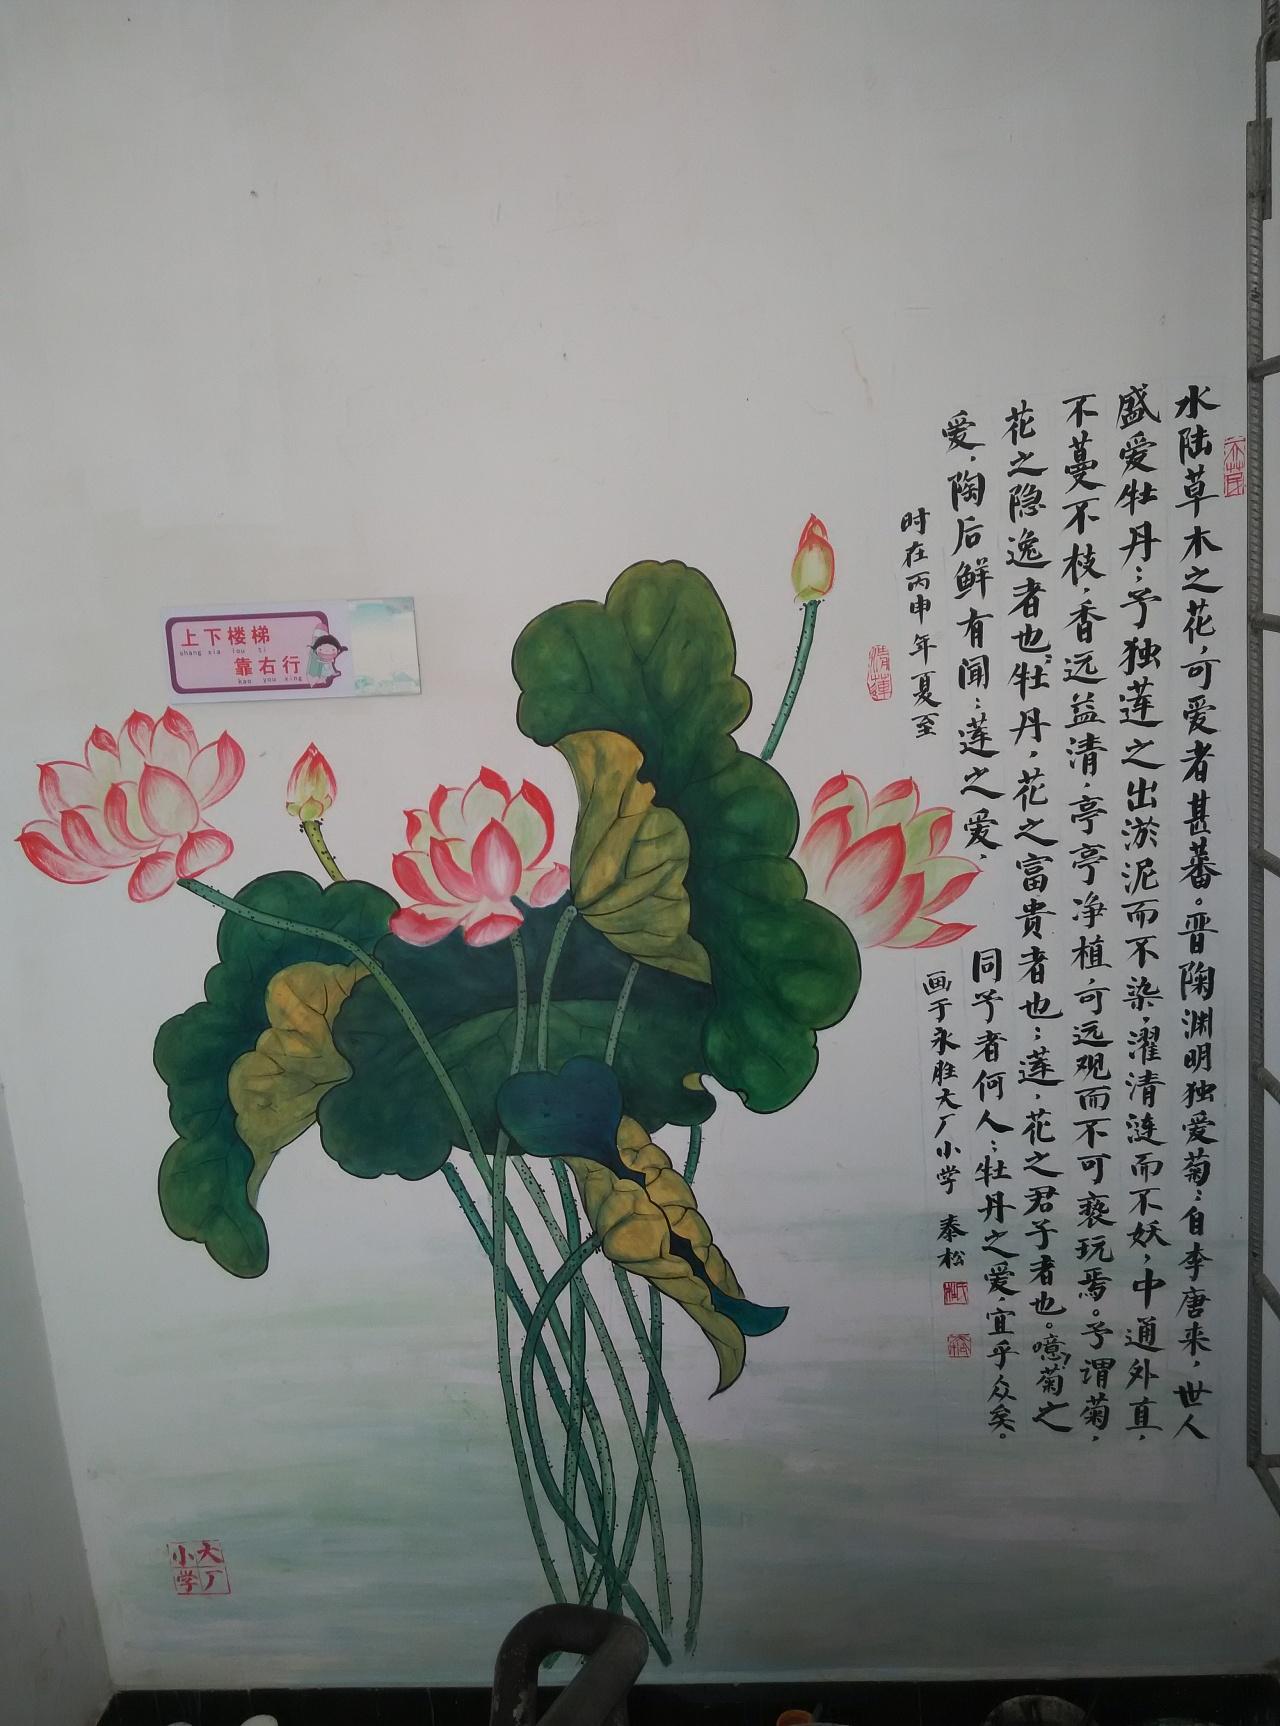 云南昆明校园文化墙体彩绘校园文化墙画手绘墙校园装饰图片